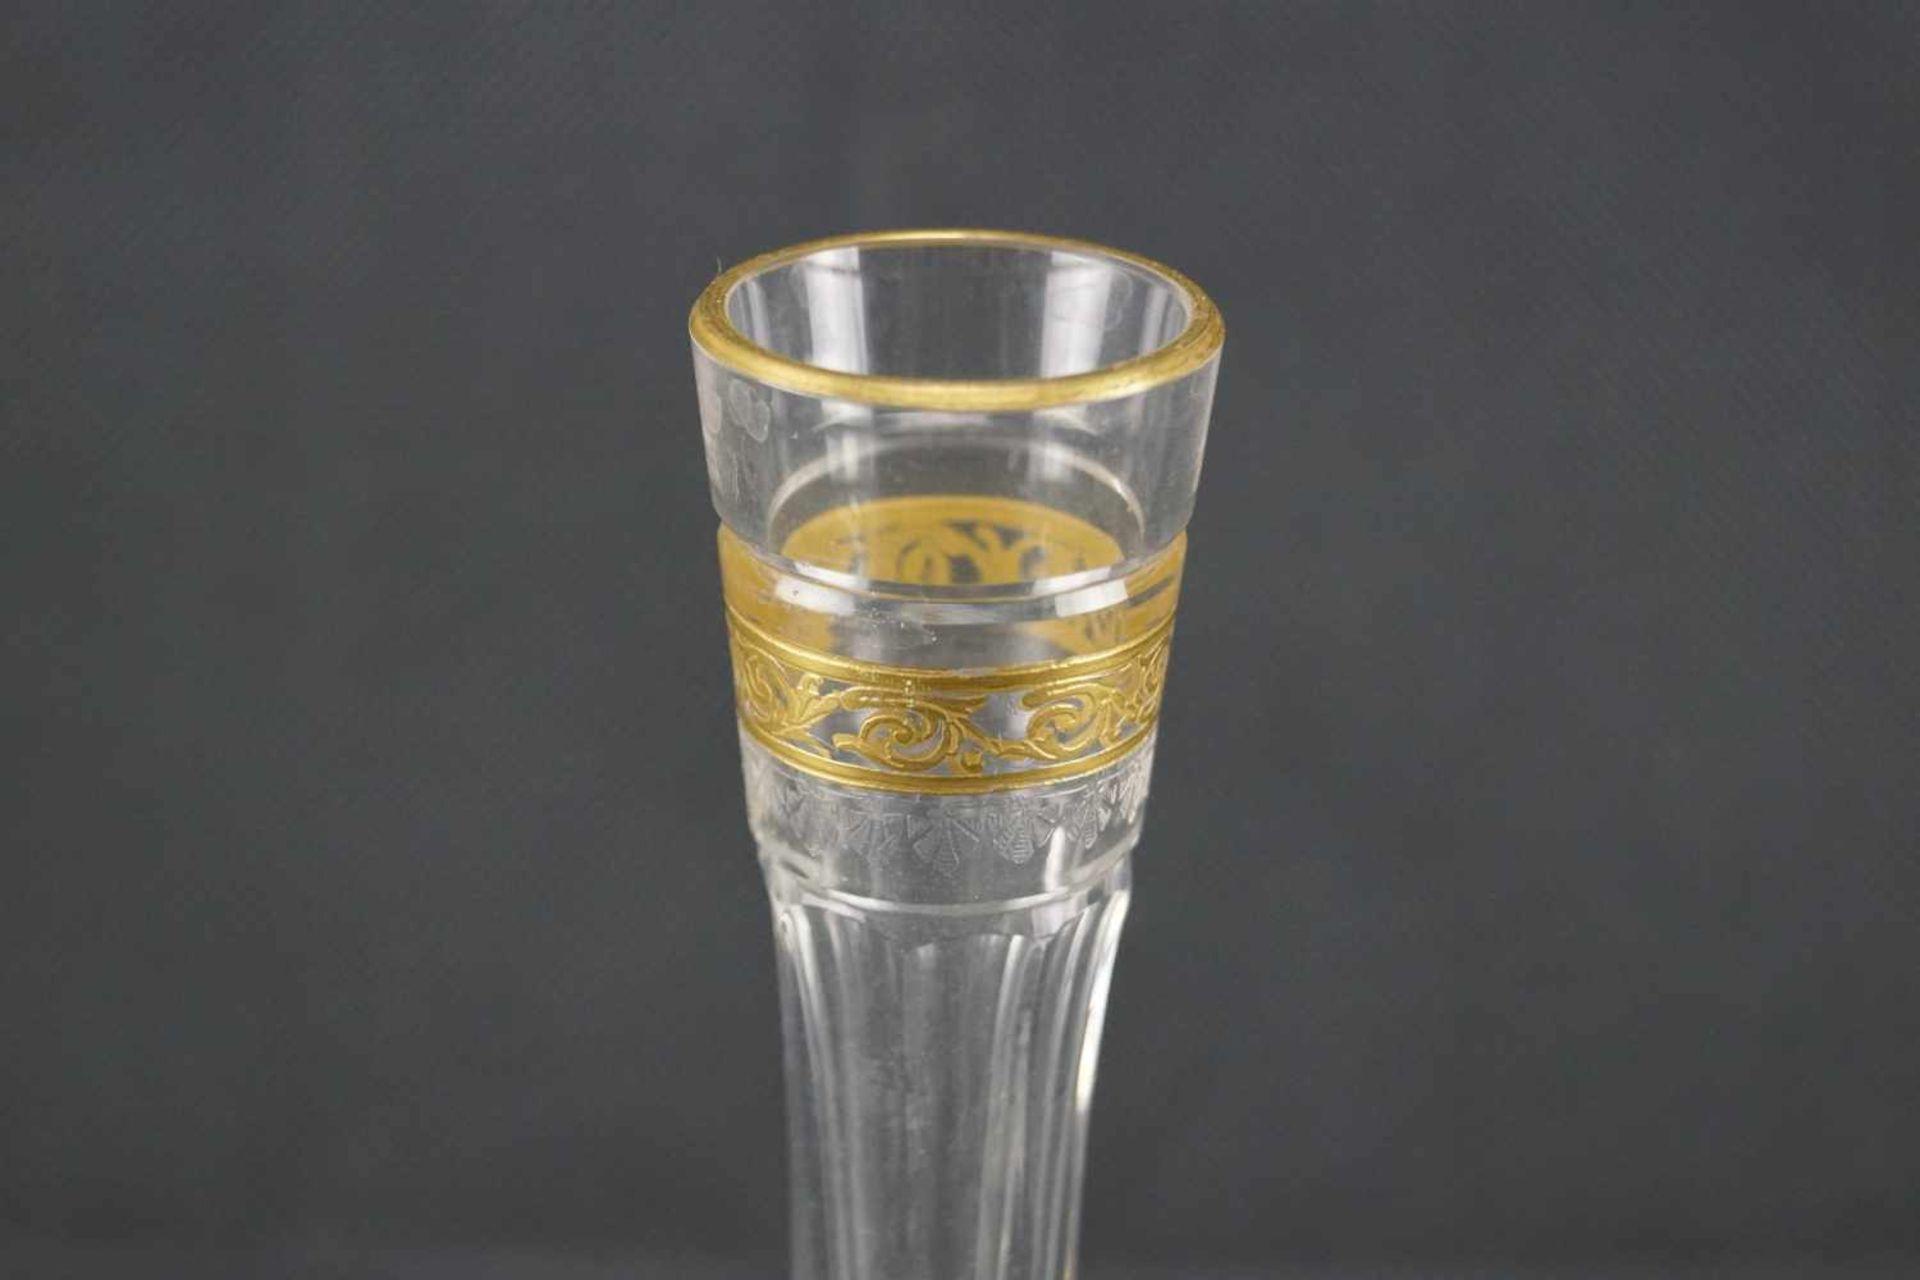 Vase, Saint Louis Mit Ätzmarke versehen, Serie Thistle Gold, Höhe 17,5 cm, Gold berieben, eine - Bild 2 aus 5